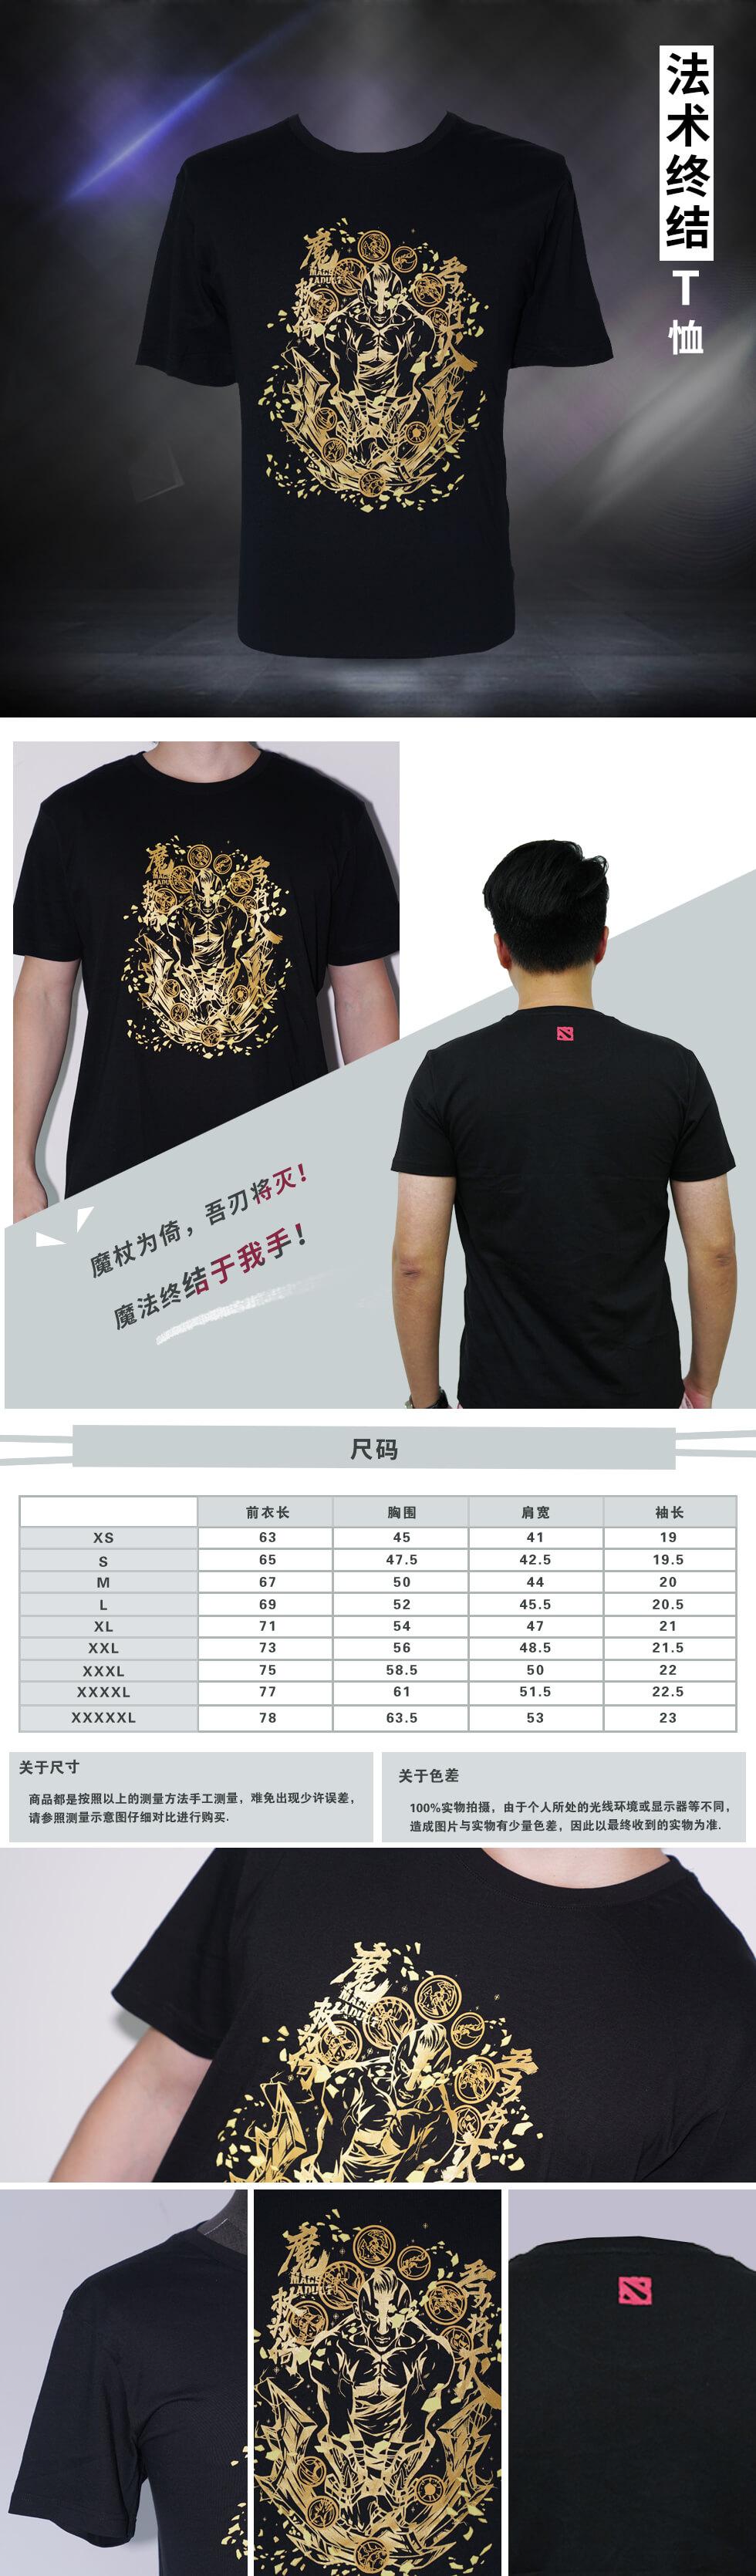 法术终结T恤.jpg